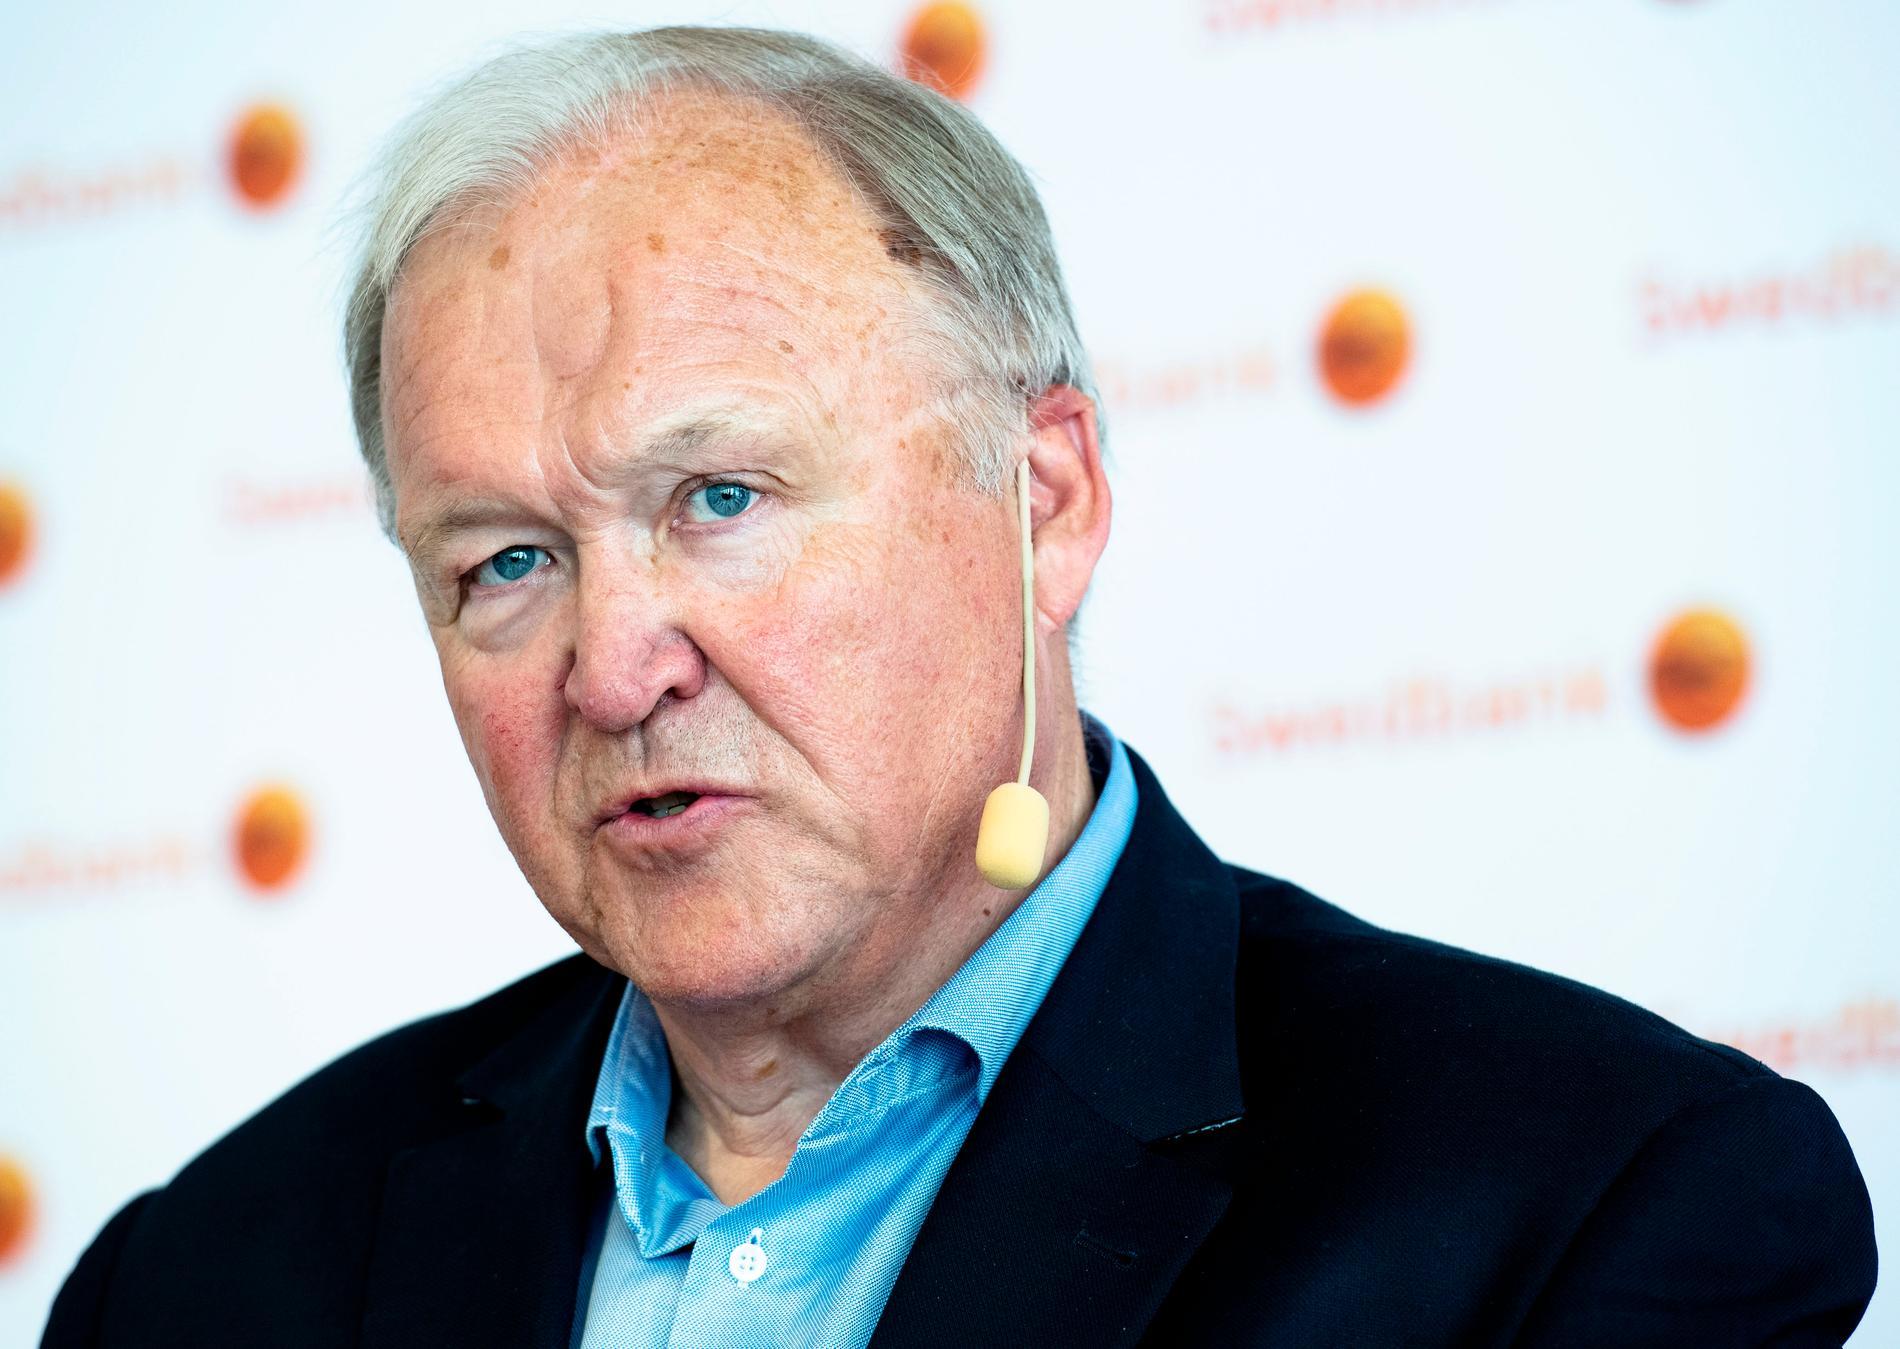 Sveriges tidigare statsminister Göran Persson lämnade politiken och började jobba inom näringslivet. Sedan ett år tillbaka är han styrelseordförande i Swedbank.